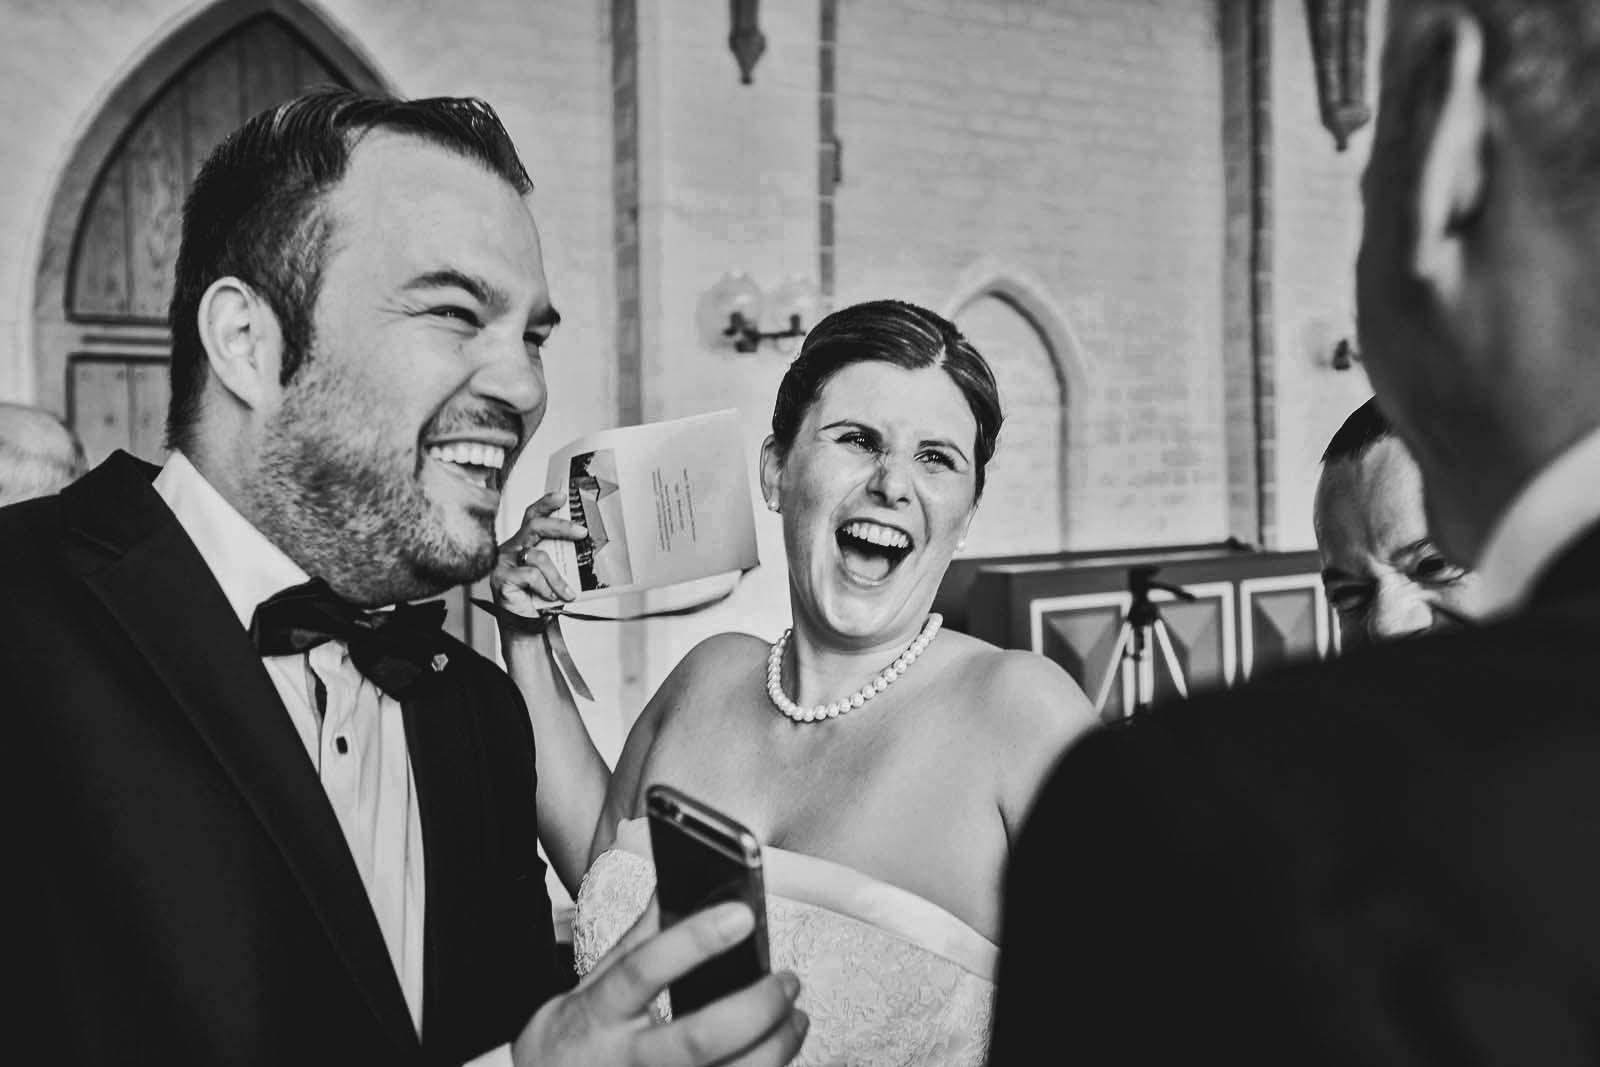 Lachende Braut bei Hochzeitsreportage Copyright by Hochzeitsfotograf www.berliner-hochzeitsfotografie.de